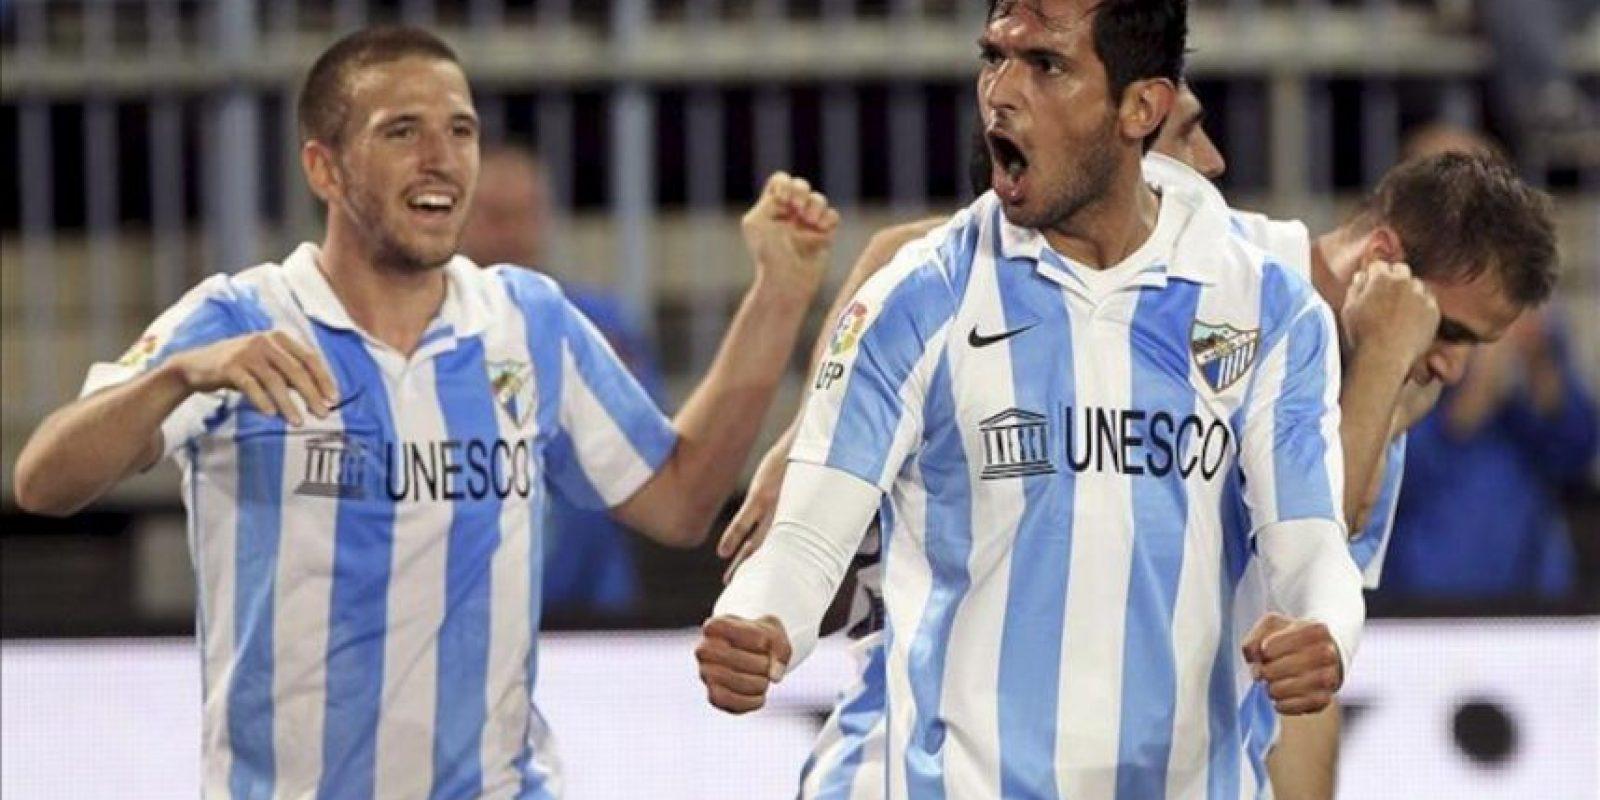 Los jugadores del Málaga, Camacho (i) y el paraguayo Roque Santacruz, celebran uno de los goles del equipo malacitano, durante el encuentro correspondiente a la decimoséptima jornada de primera división, que han disputado frente al Real Madrid en el estadio La Rosaleda de la capital andaluza. EFE